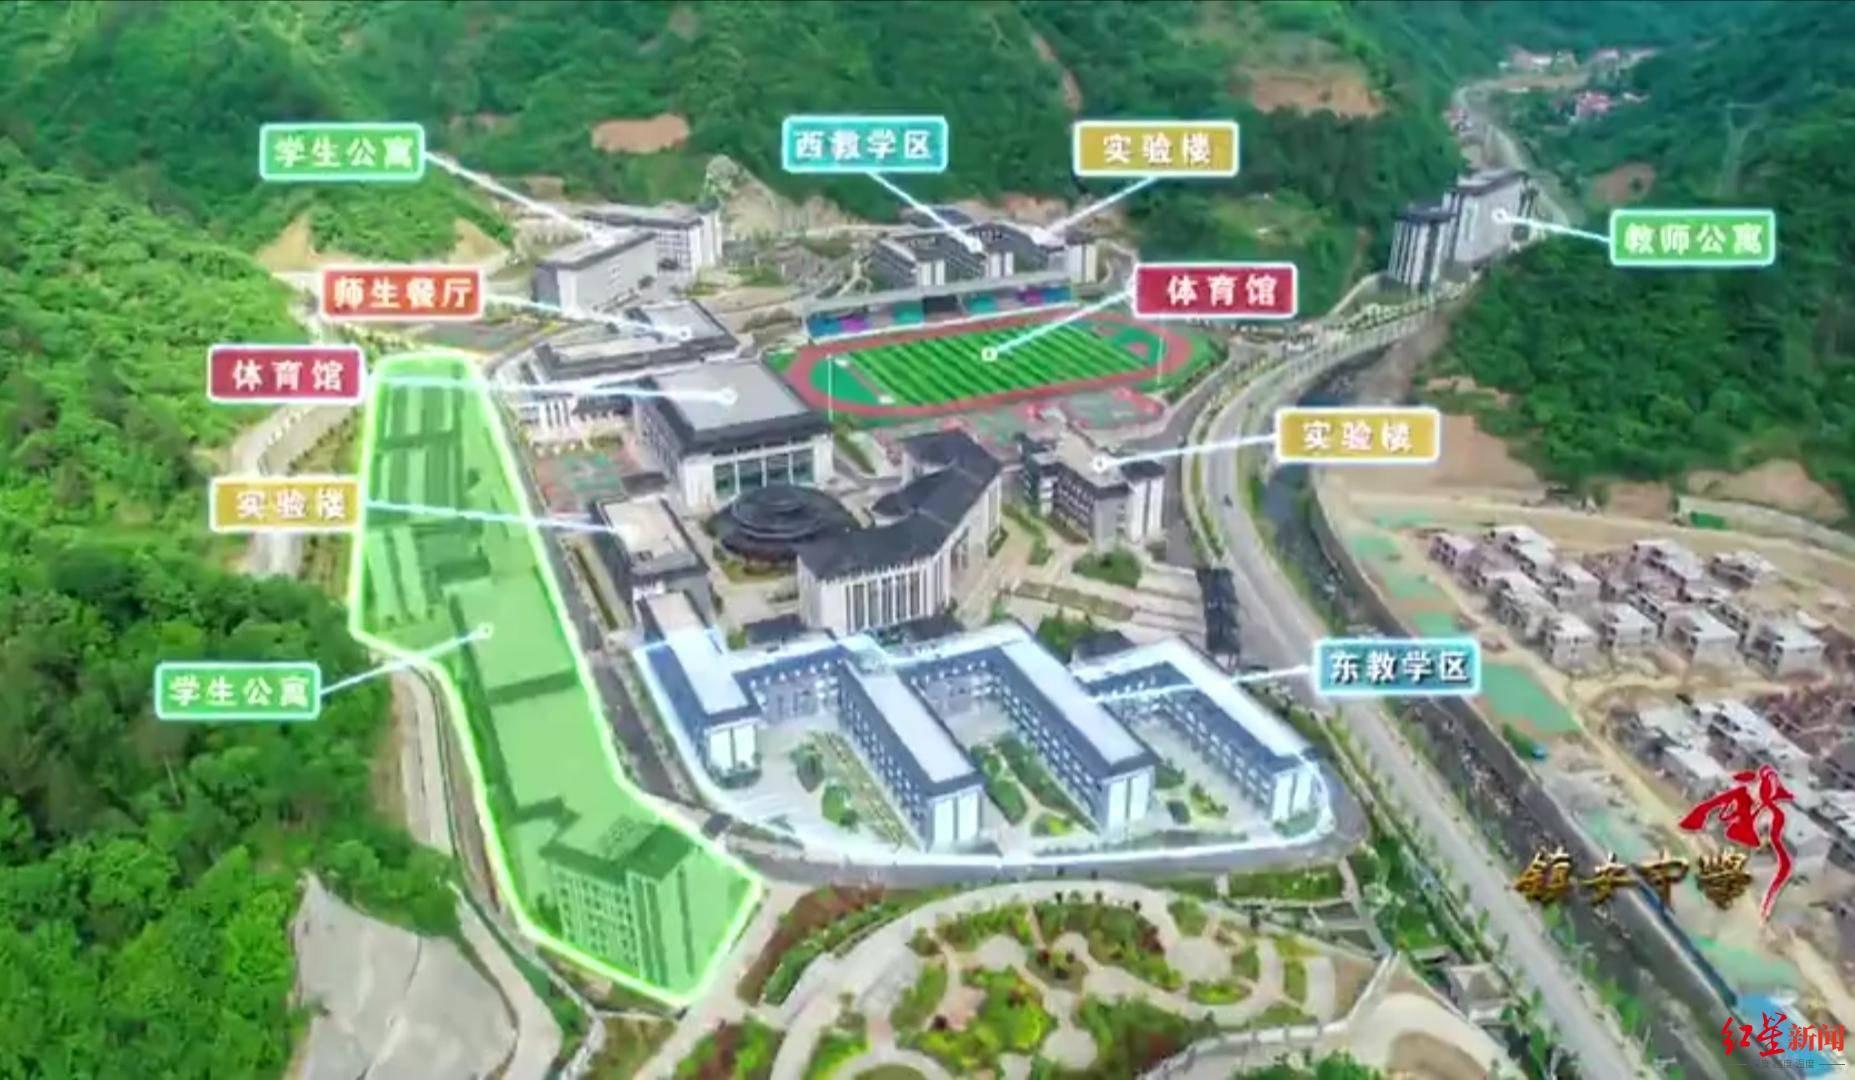 陇西县文峰镇经济总量_陇西县文峰镇图片